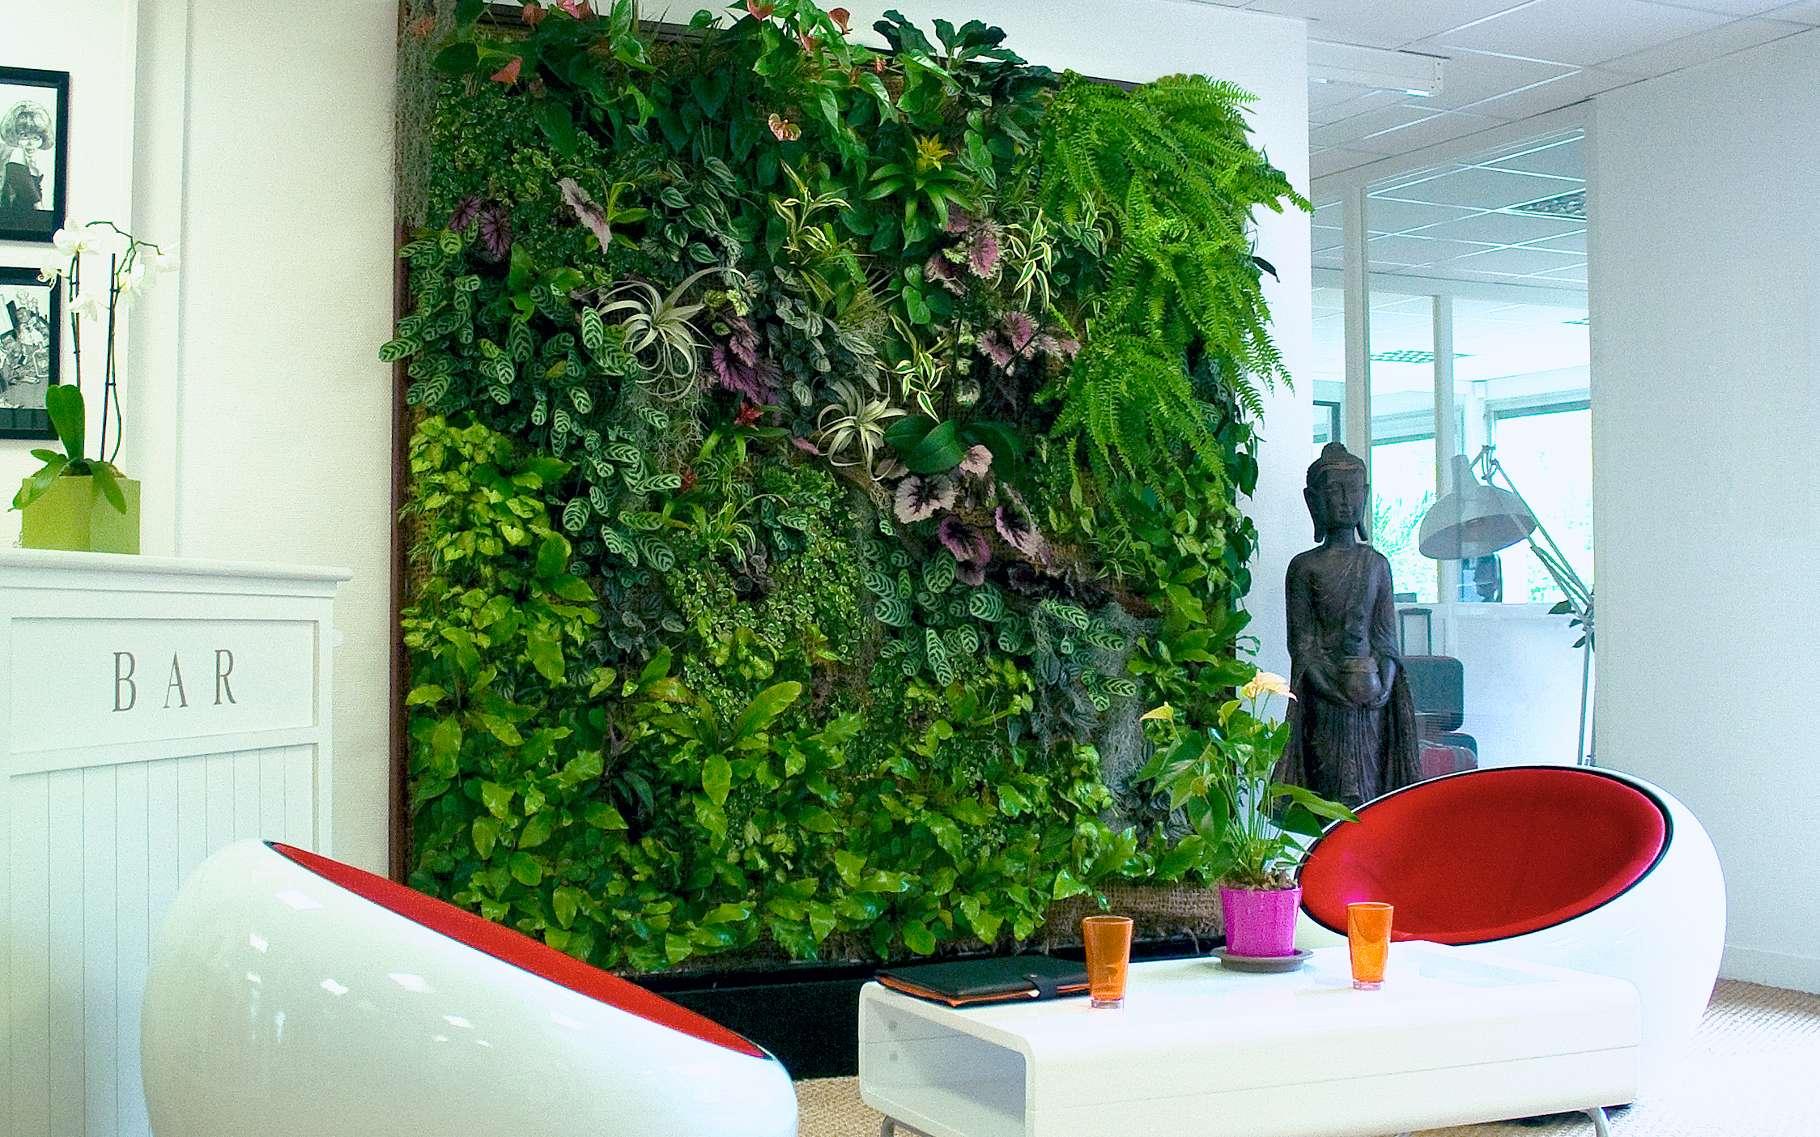 Plantes Pour Mur Végétal Extérieur quel est l'intérêt d'un mur végétal intérieur ?